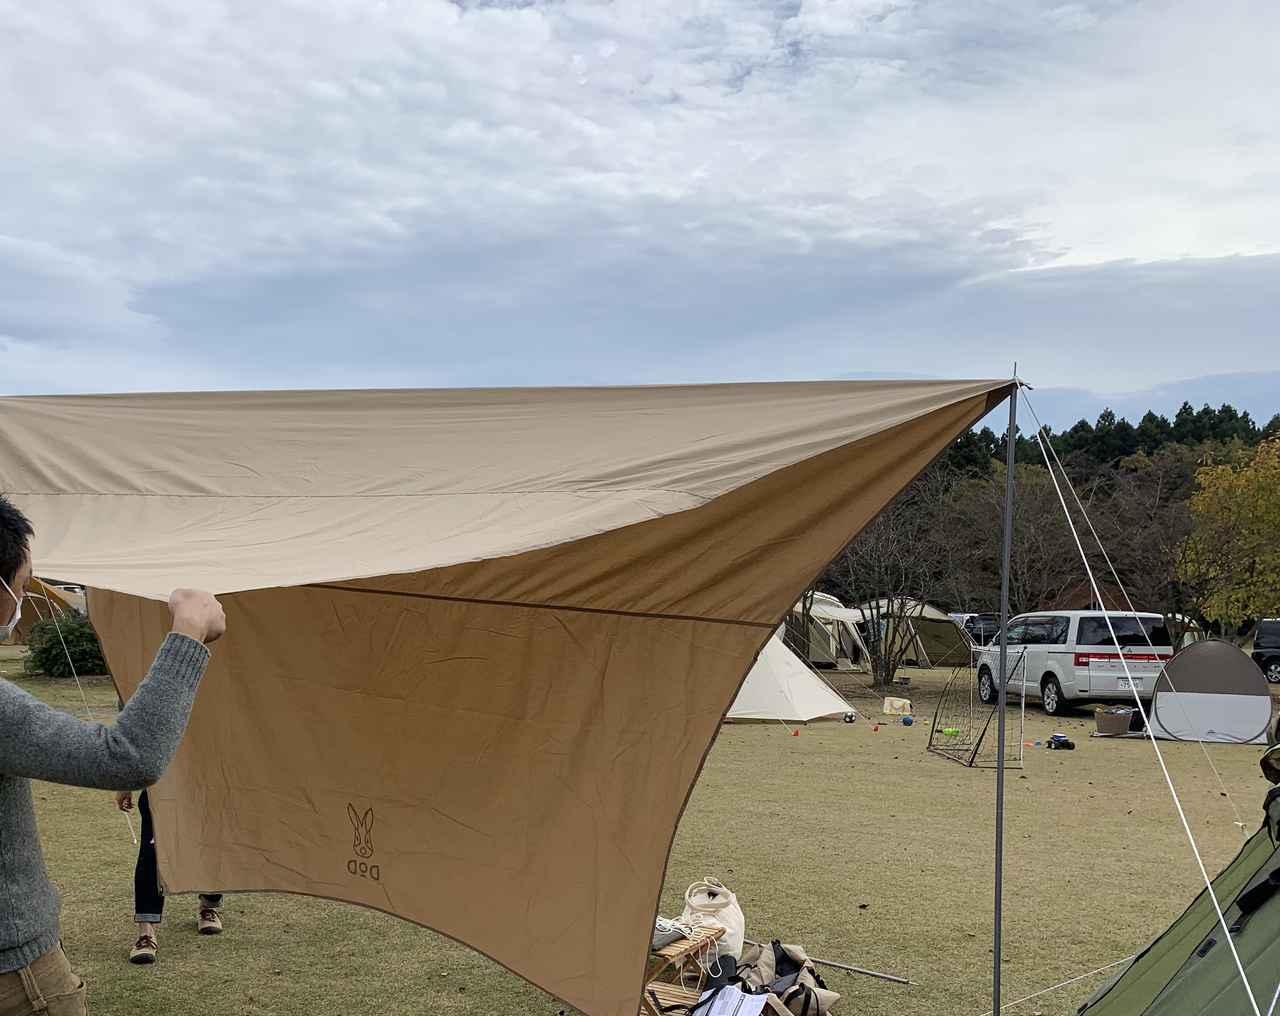 画像: 筆者撮影 この右のポールがテント用のキャノピーポール。すでに少ししなっている